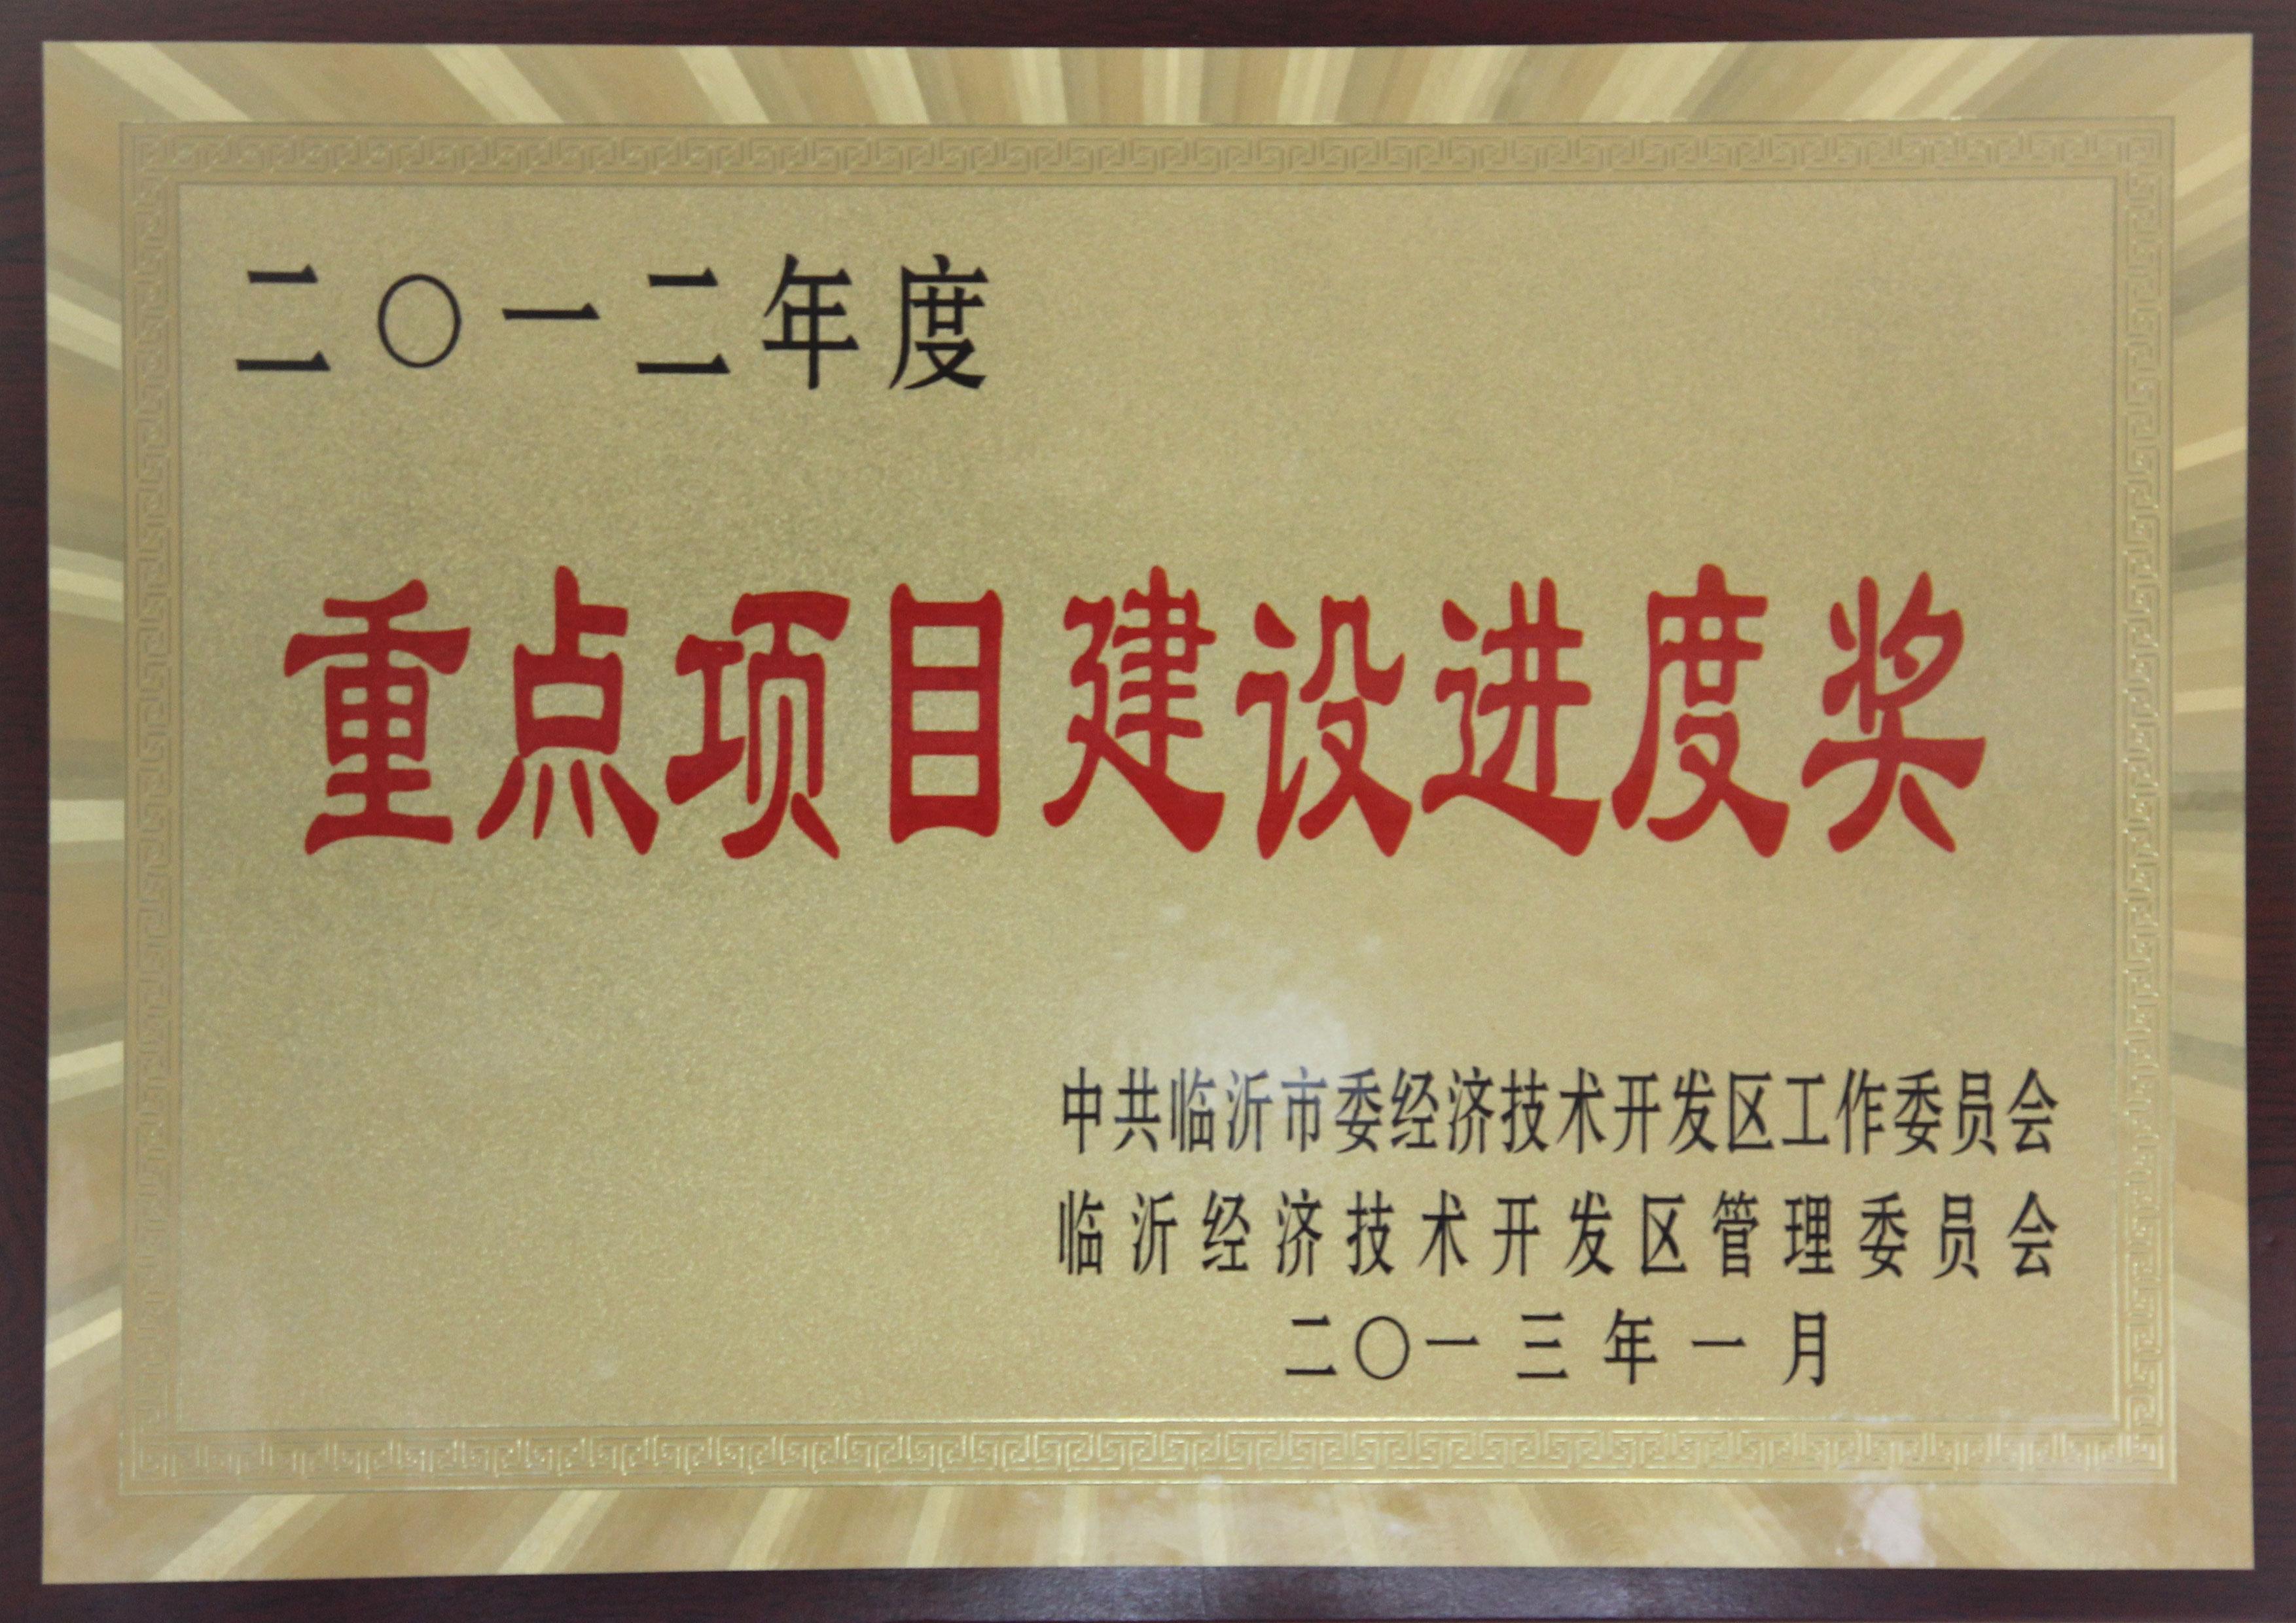 主题:2012年度重点项目建设进度奖 日期:2013-07-05